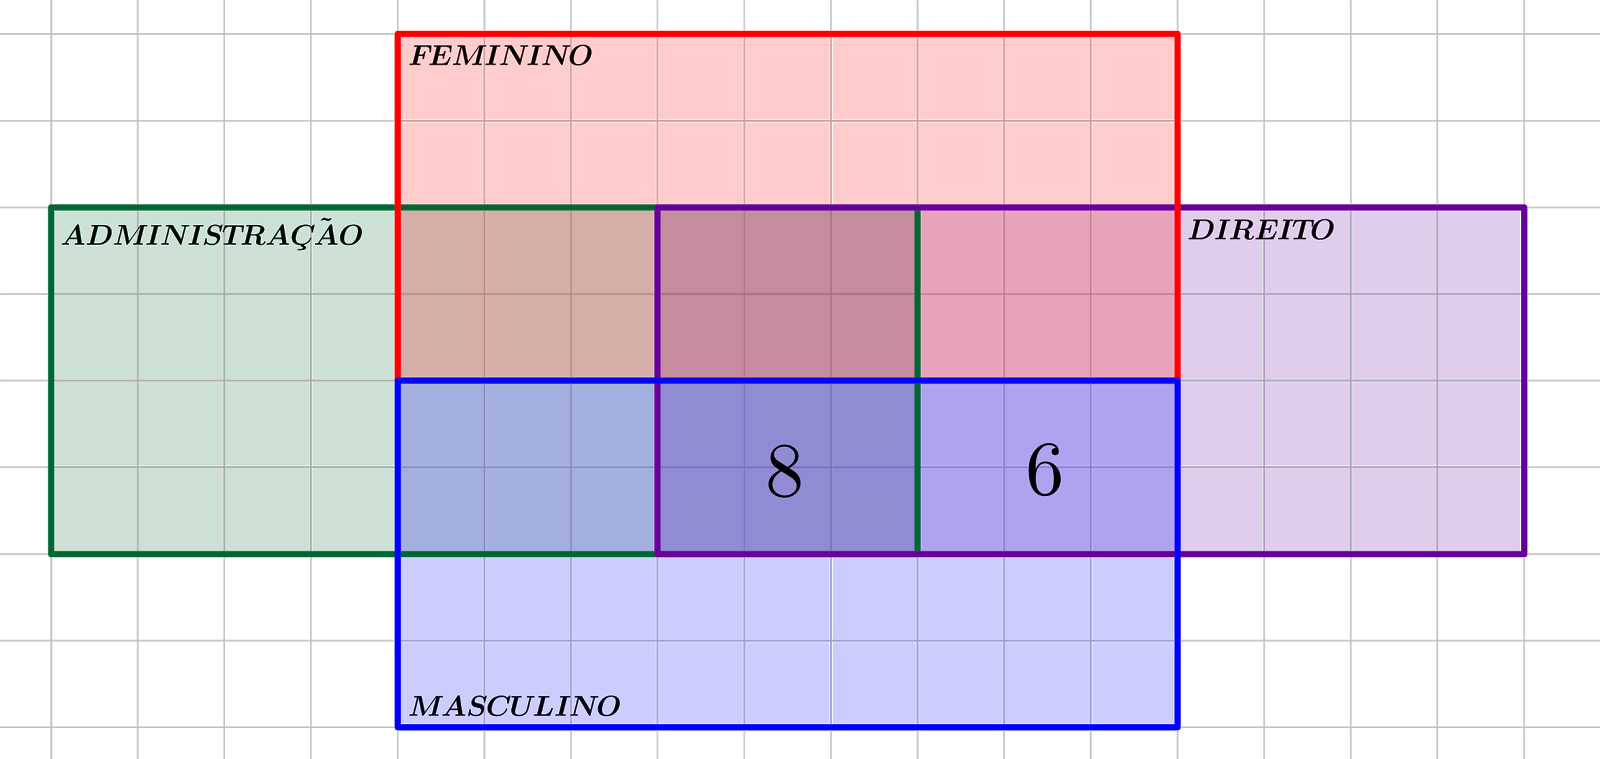 Questo 11 concurso professor de matemtica ef ii pref da figura 1 diagrama de venn do questo ccuart Choice Image